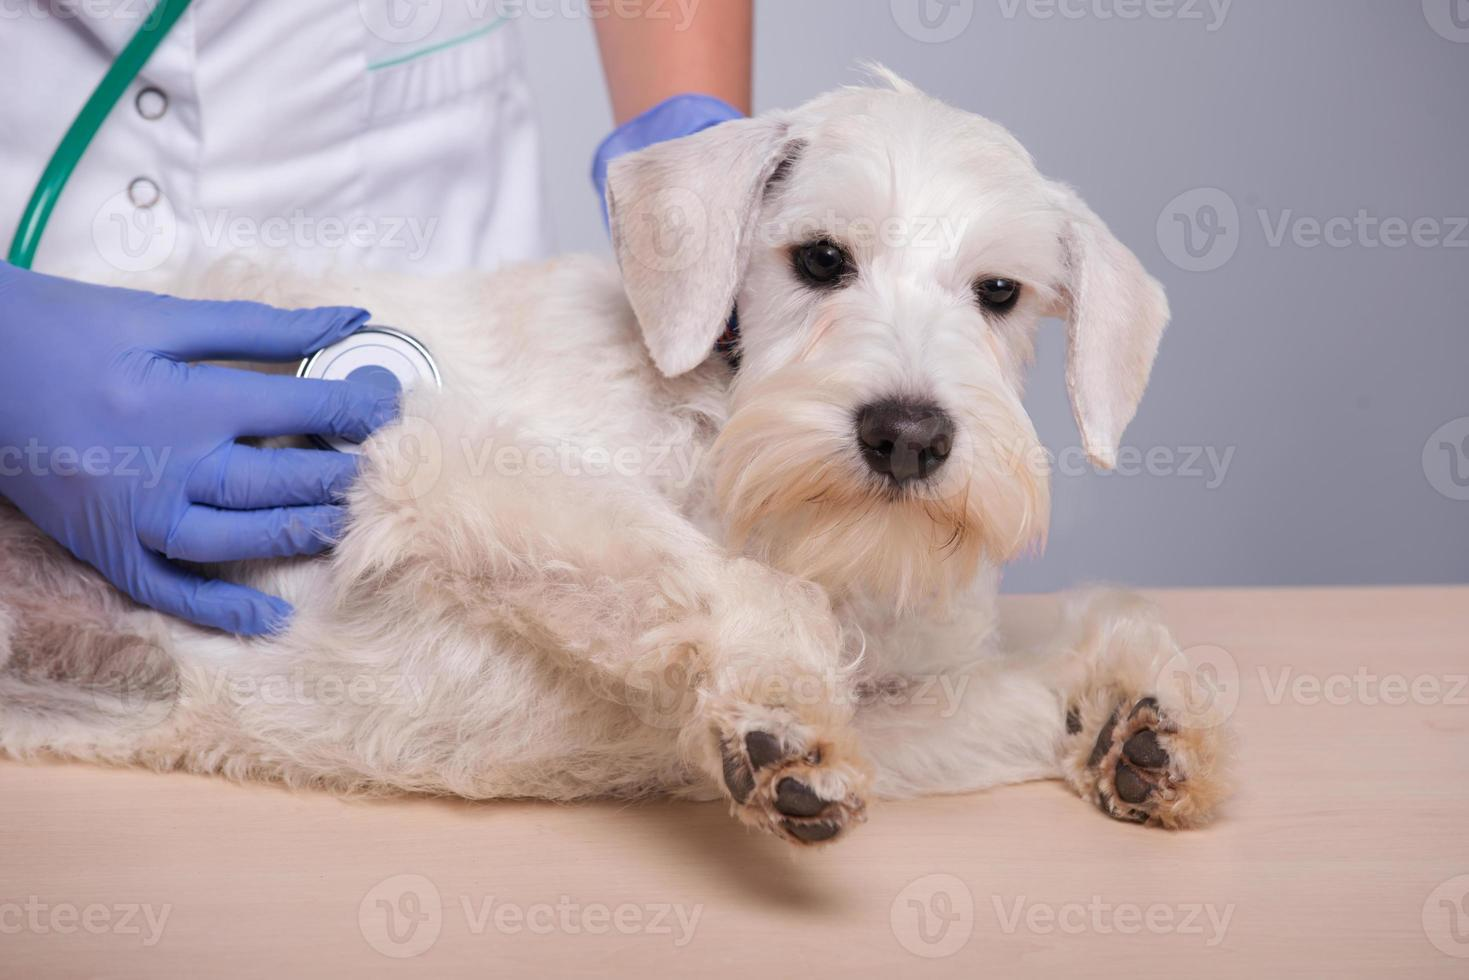 veterinário feminino examina cachorro com estetoscópio foto